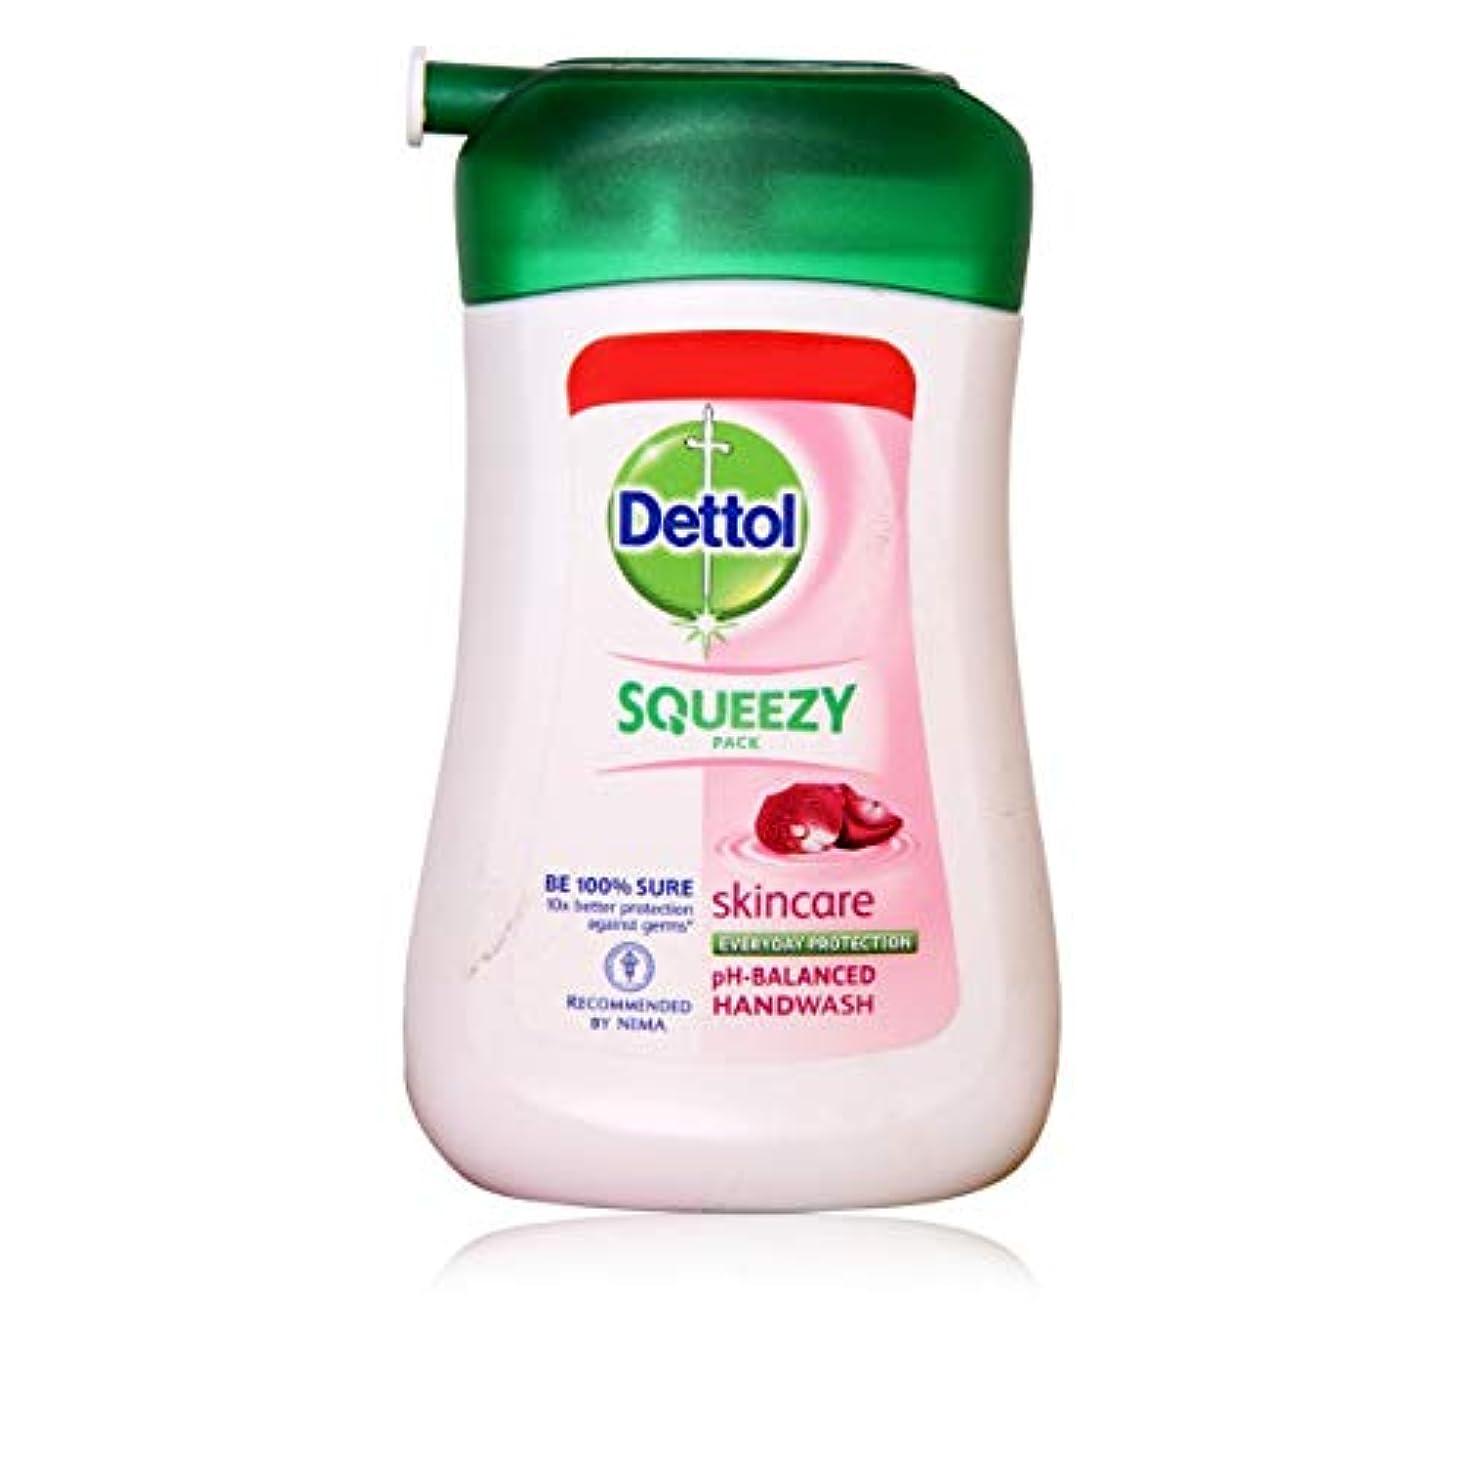 再発する略奪関係ないDETTOL Squeezy Pack Skincare Liquid Hand WASH 100ML